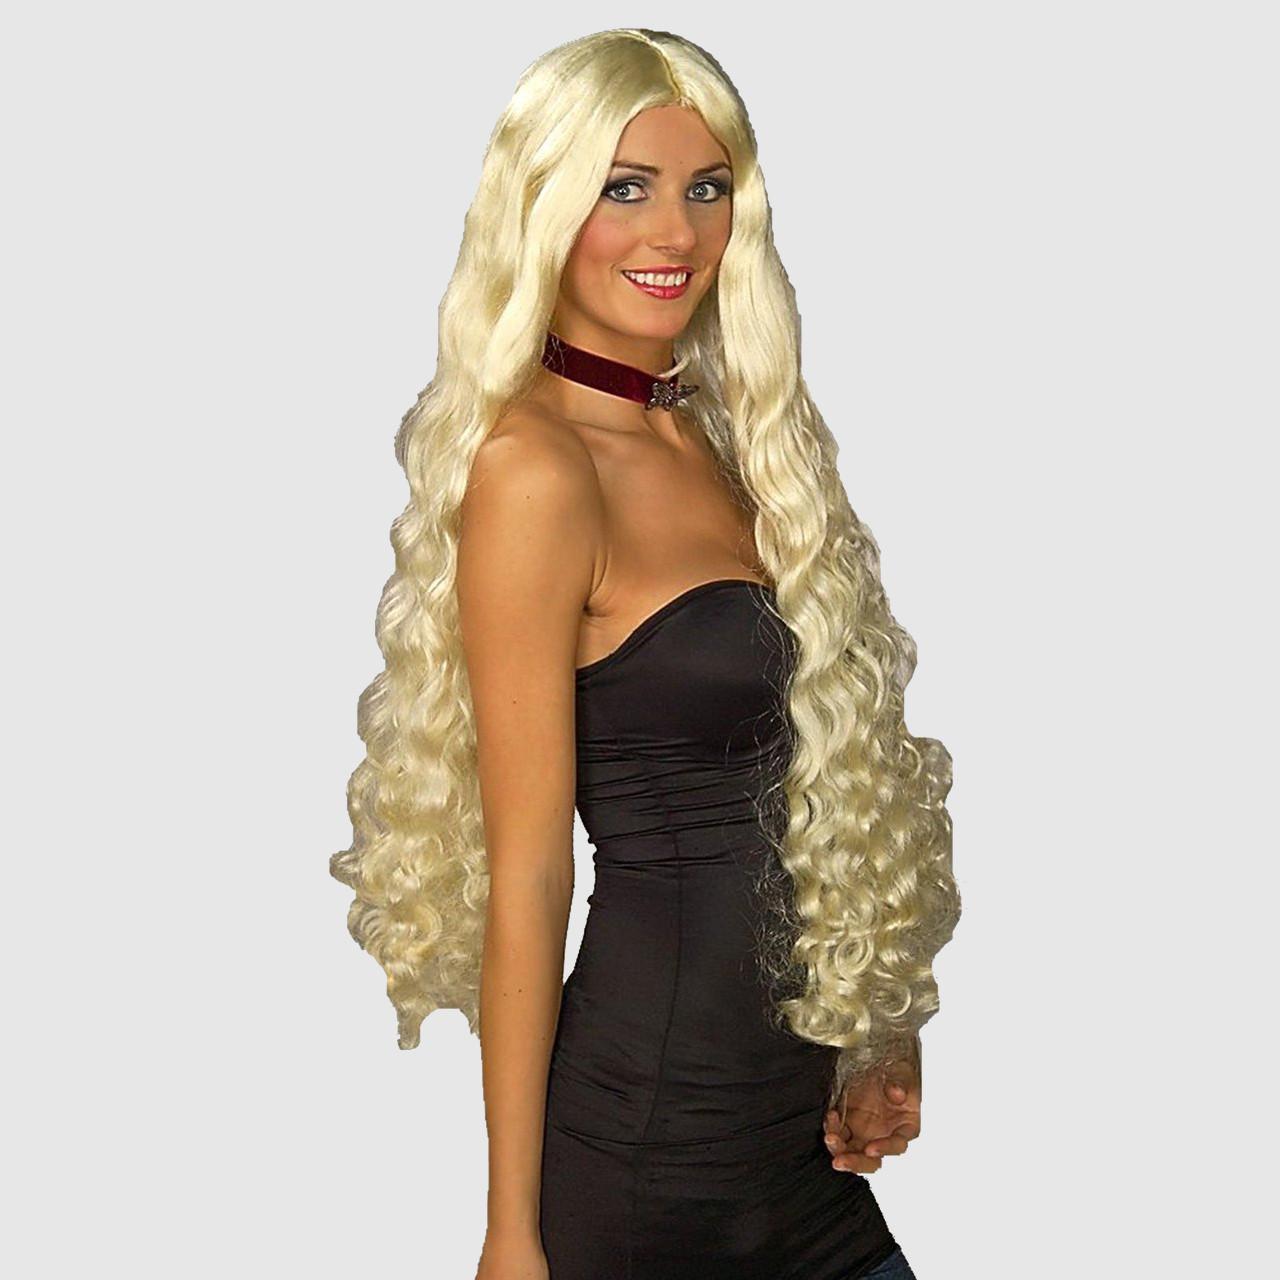 Long blonde fancy dress wig 719cab7f3ea0